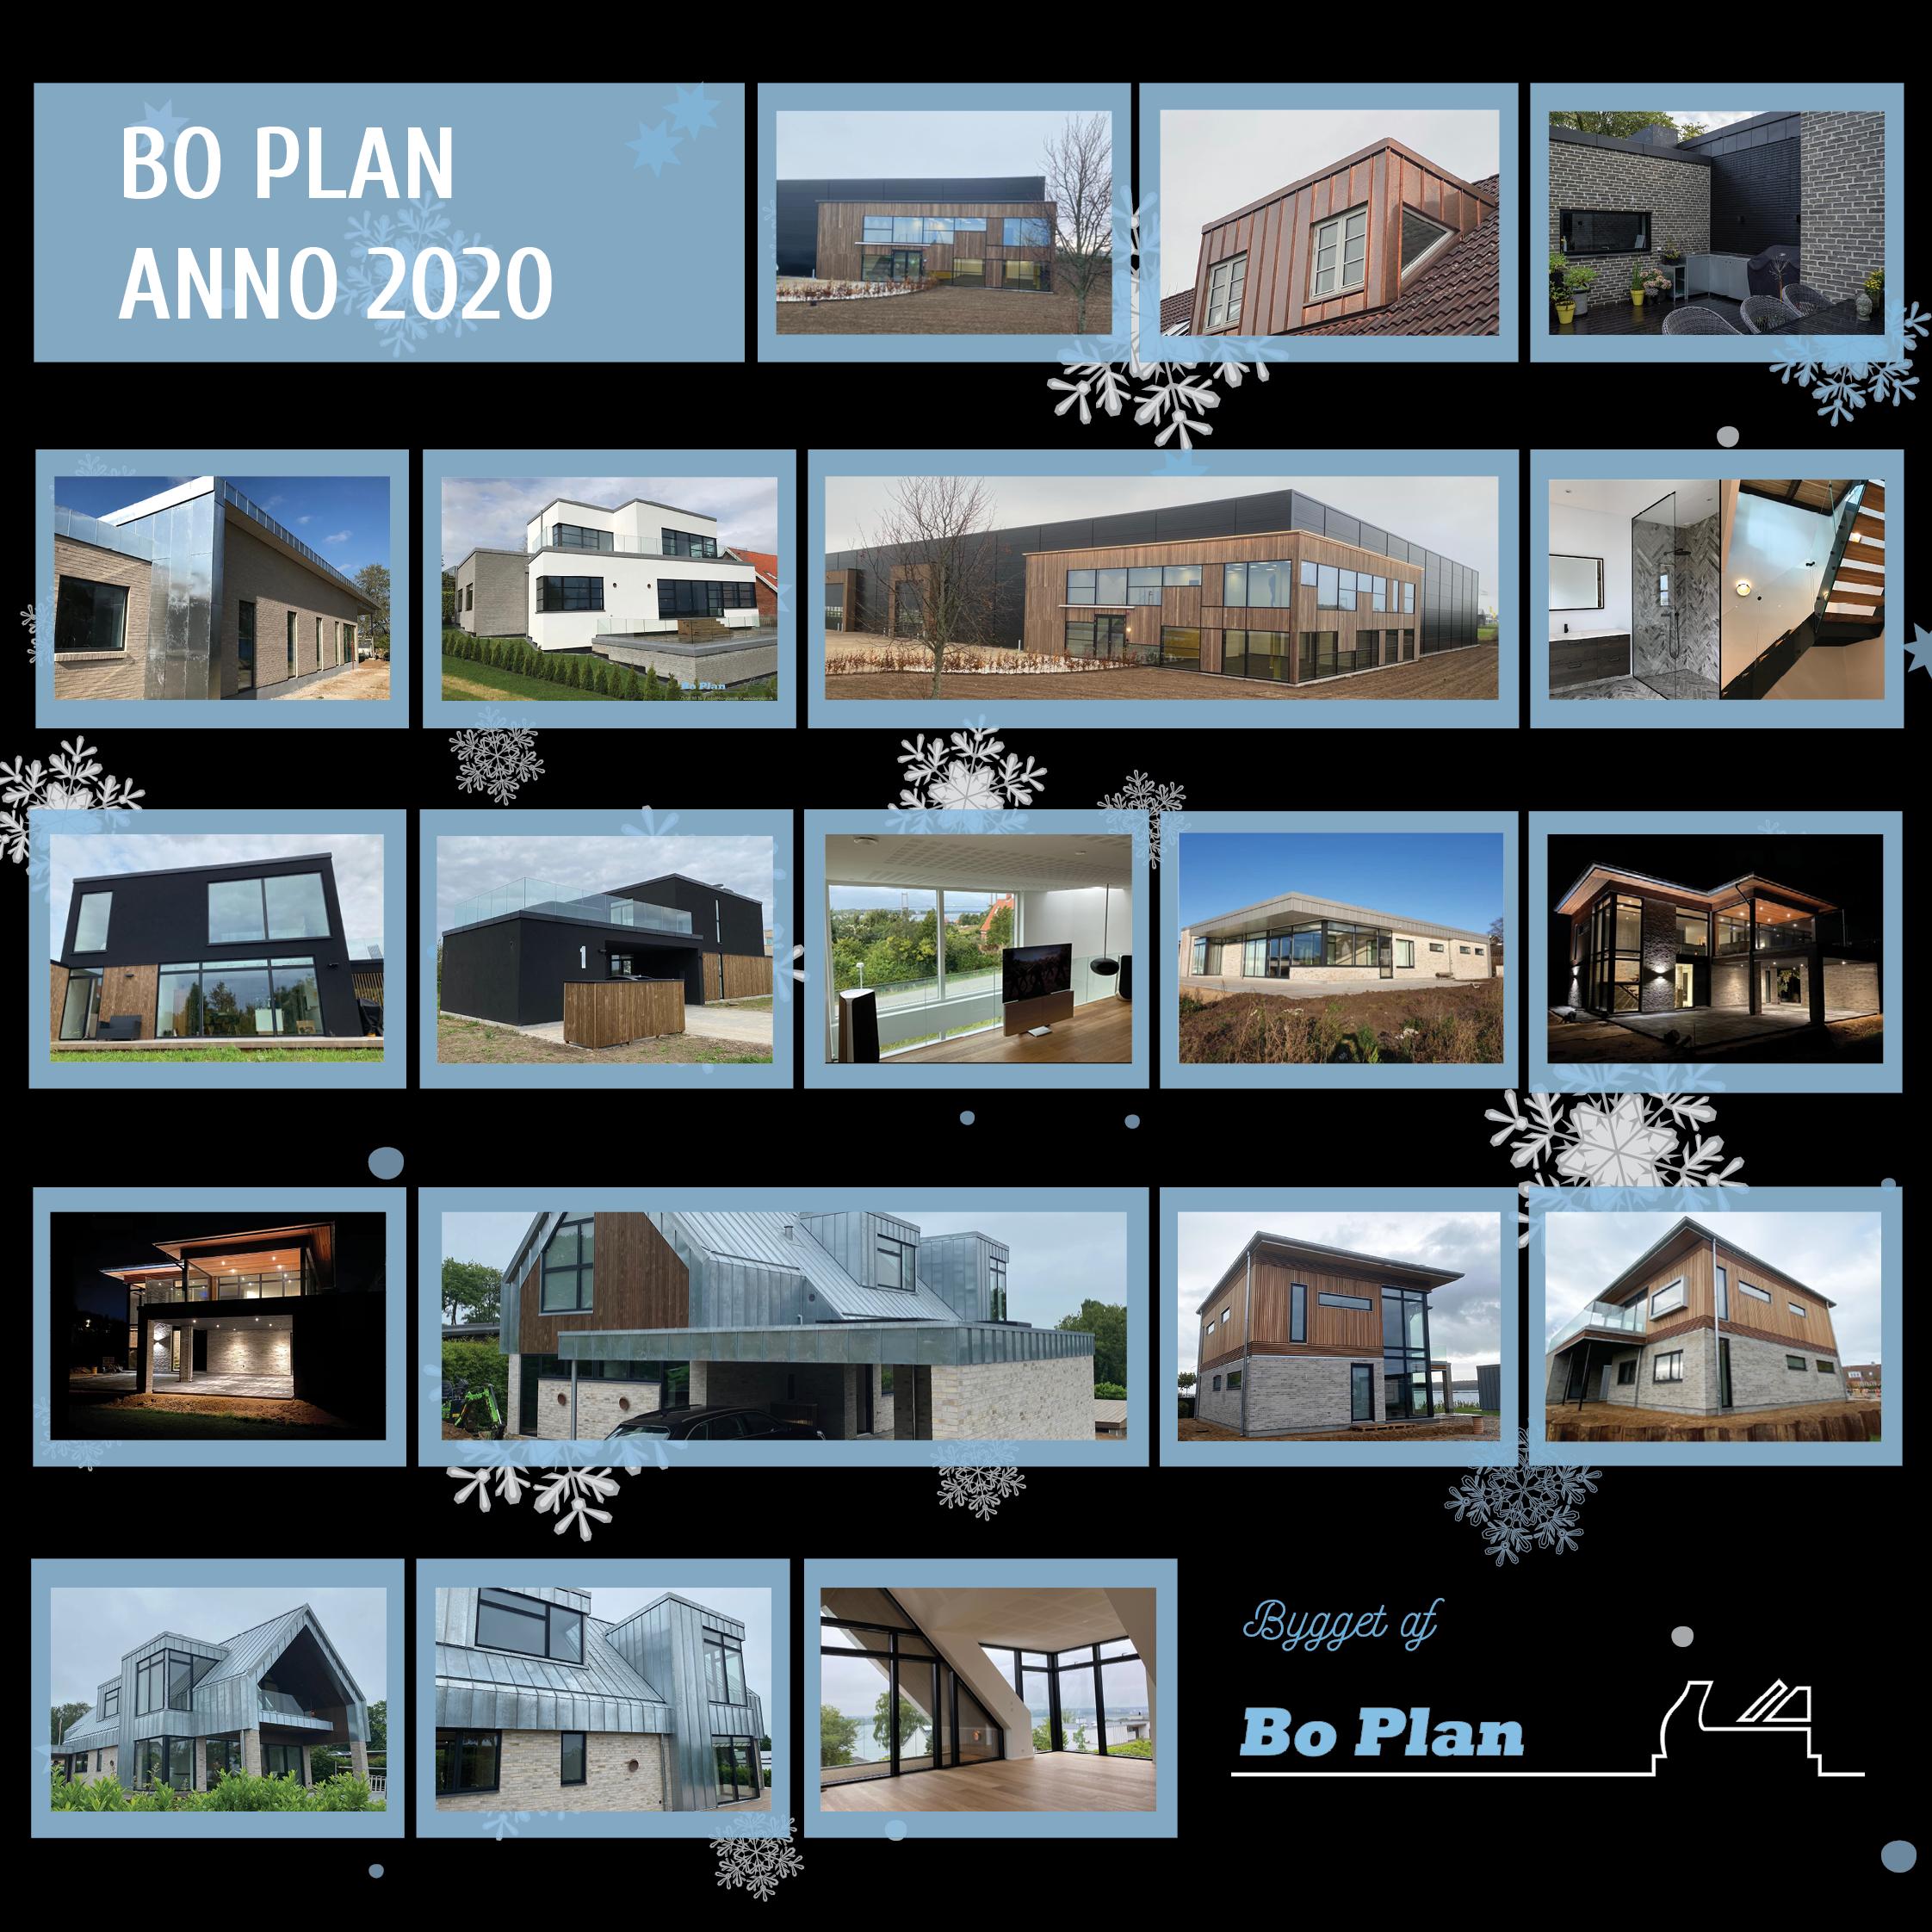 Bo Plan review 2020